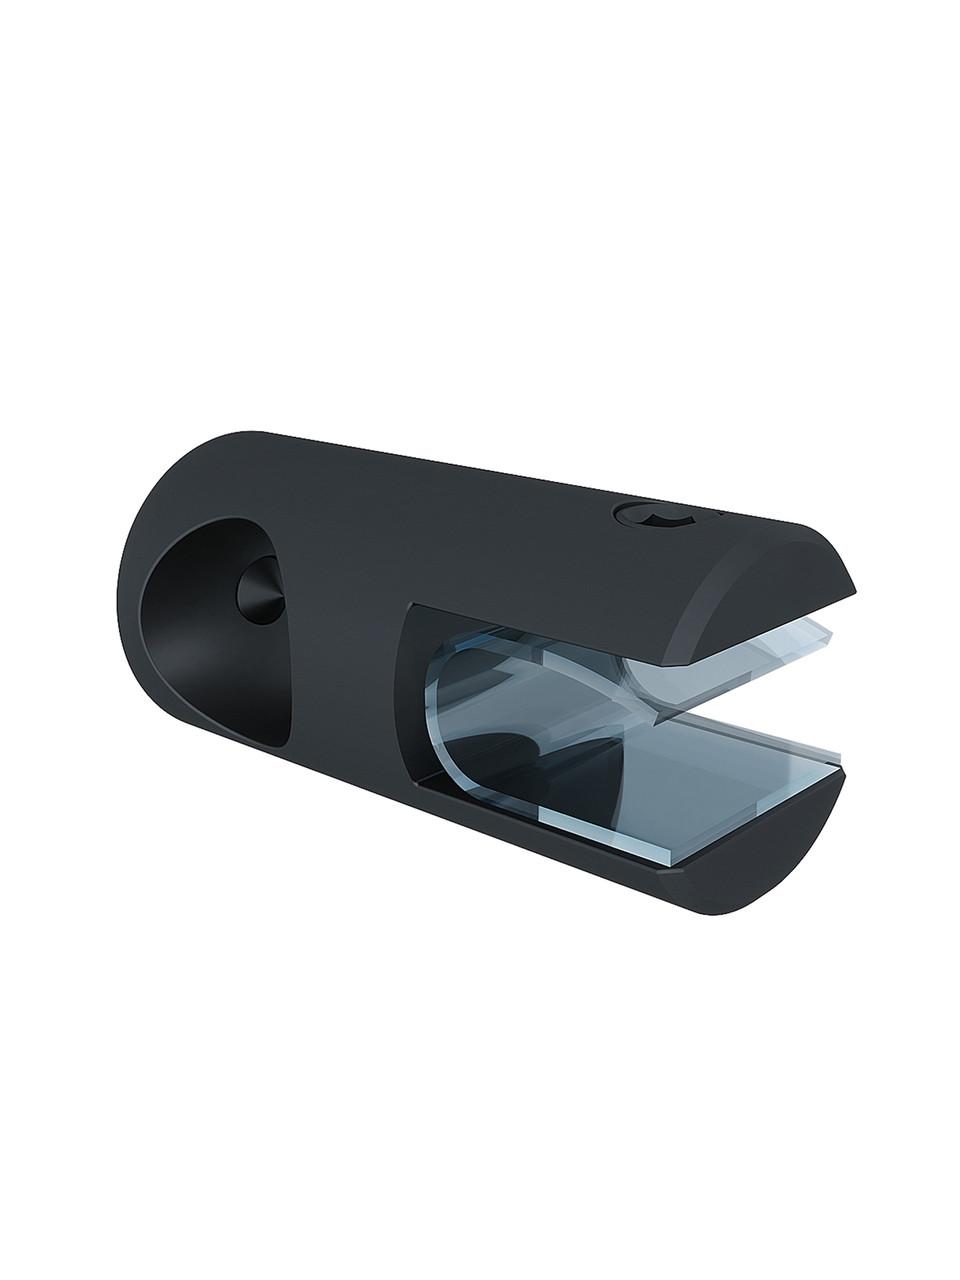 ODF-09-16-21 Крепление душевой штанги 16 мм для стекла накидное, продольное, сквозное, черное